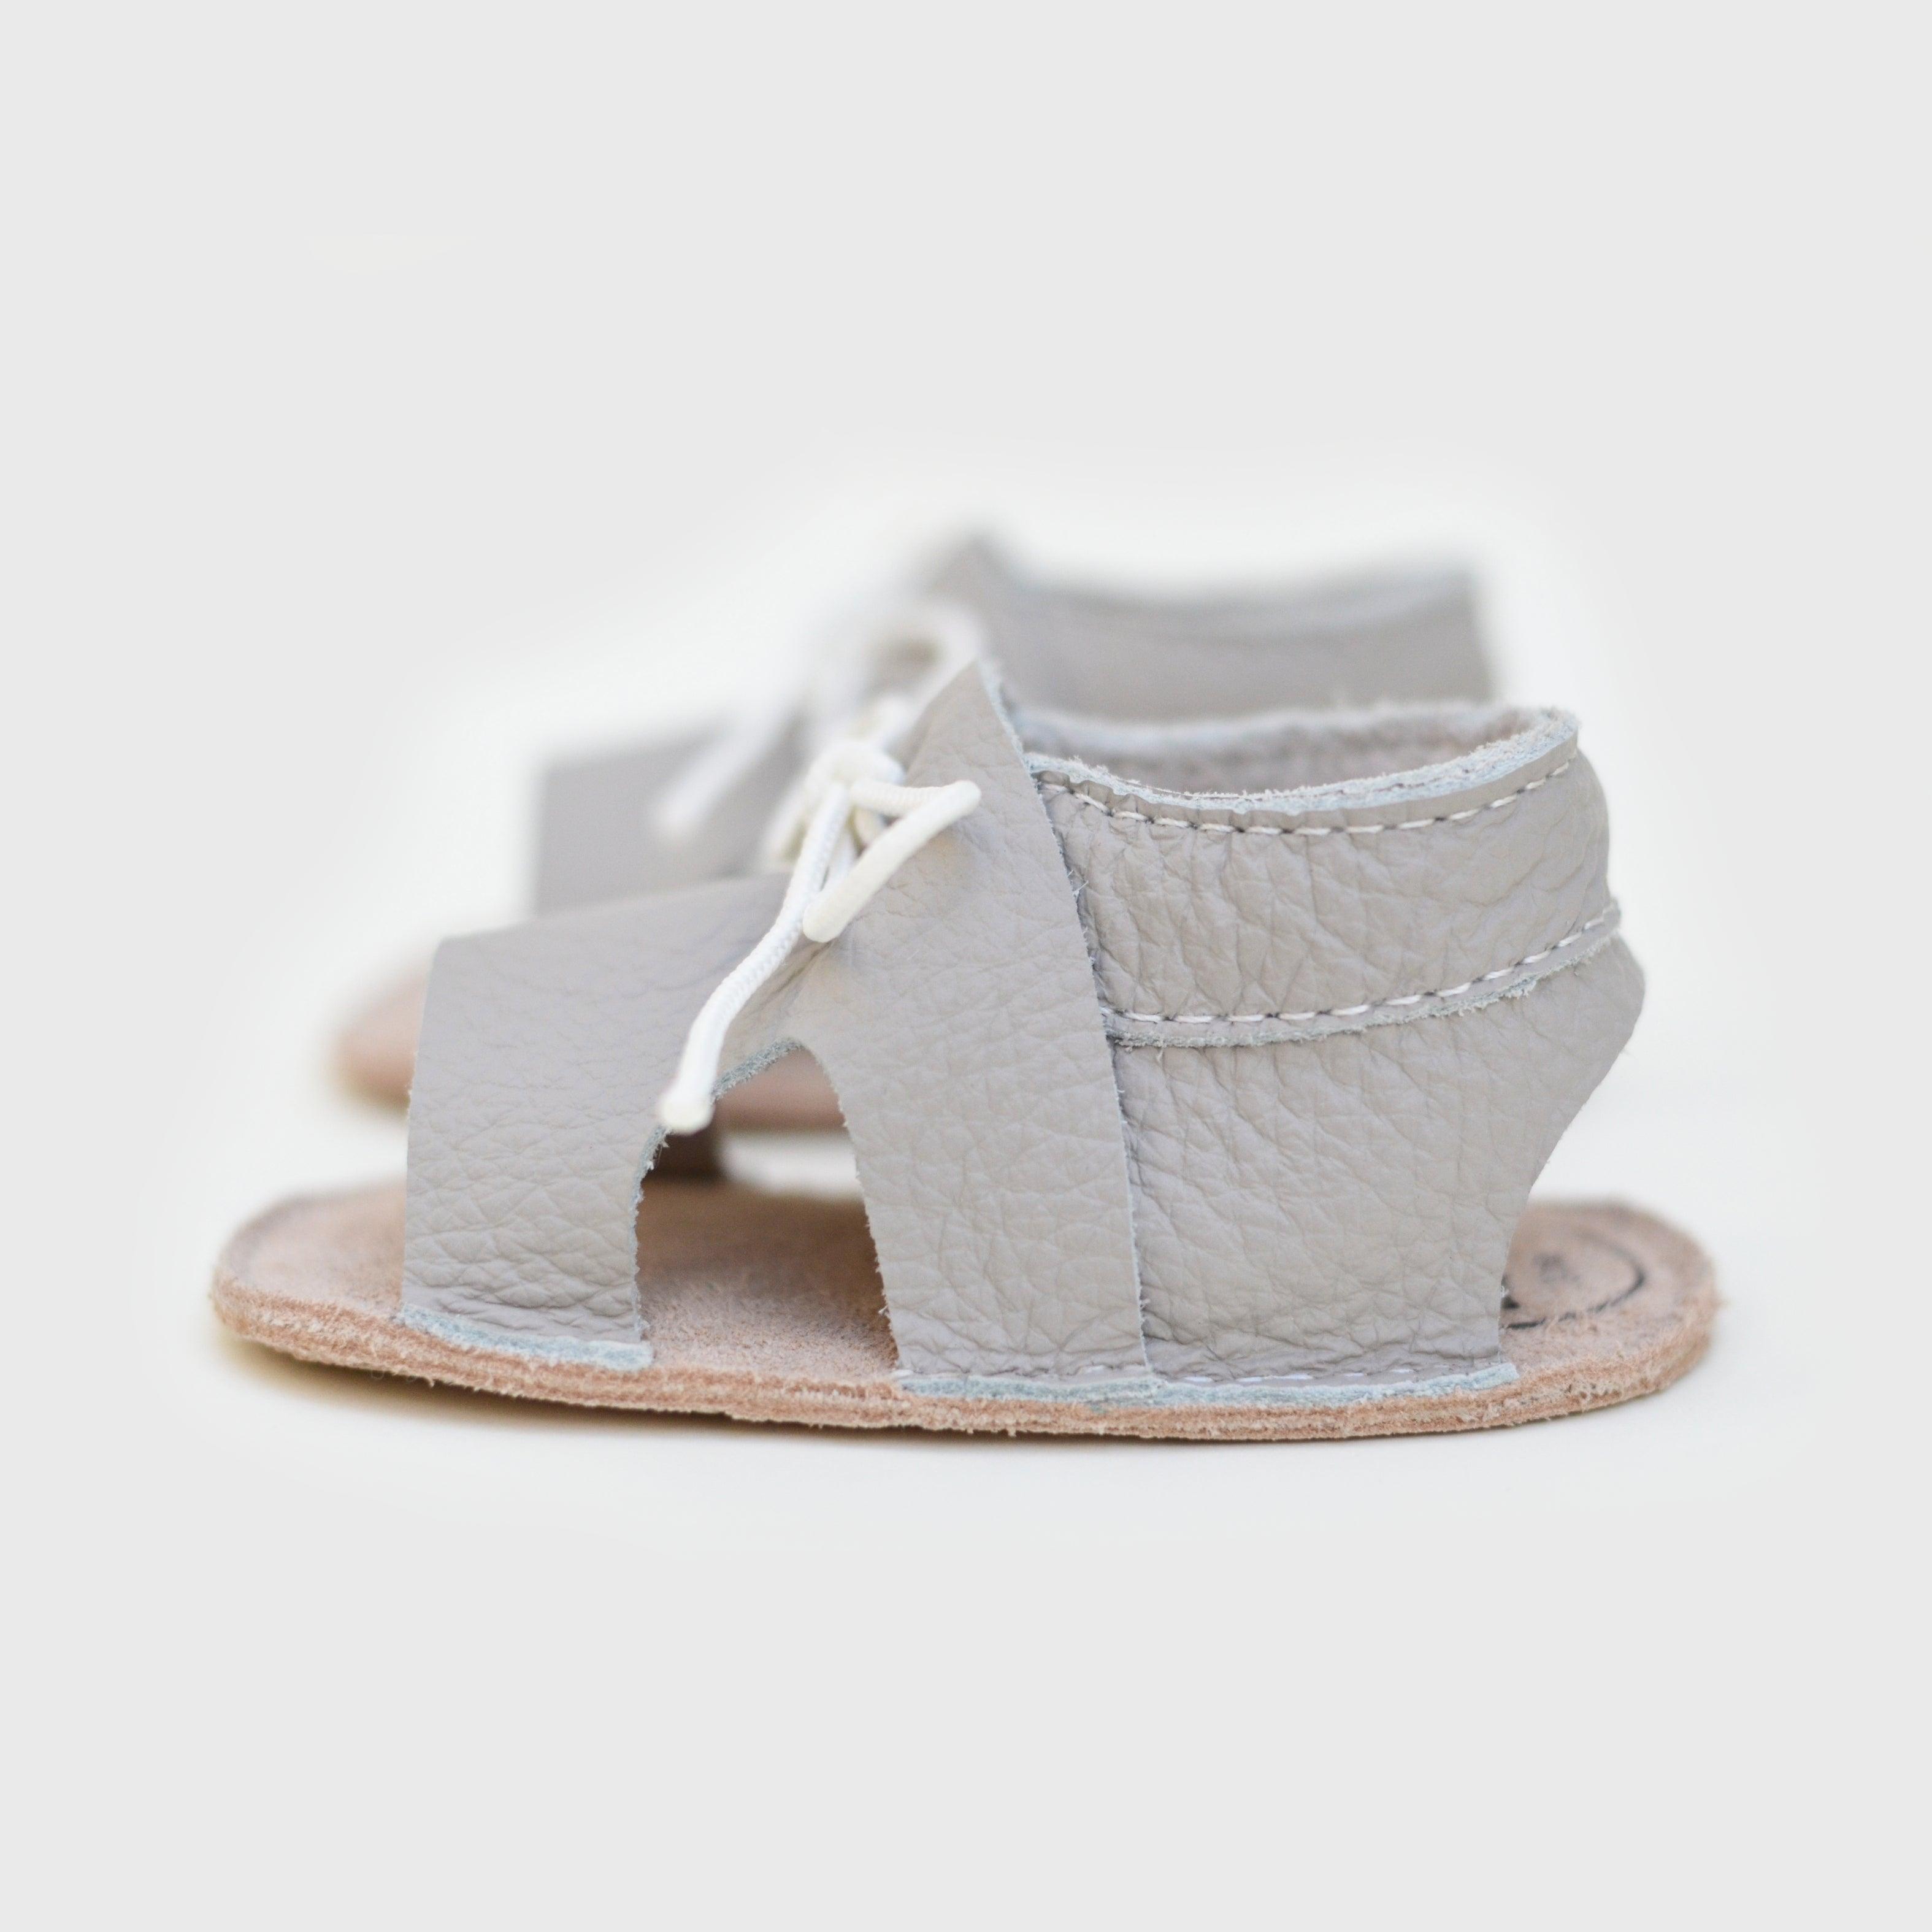 Koala Sandal